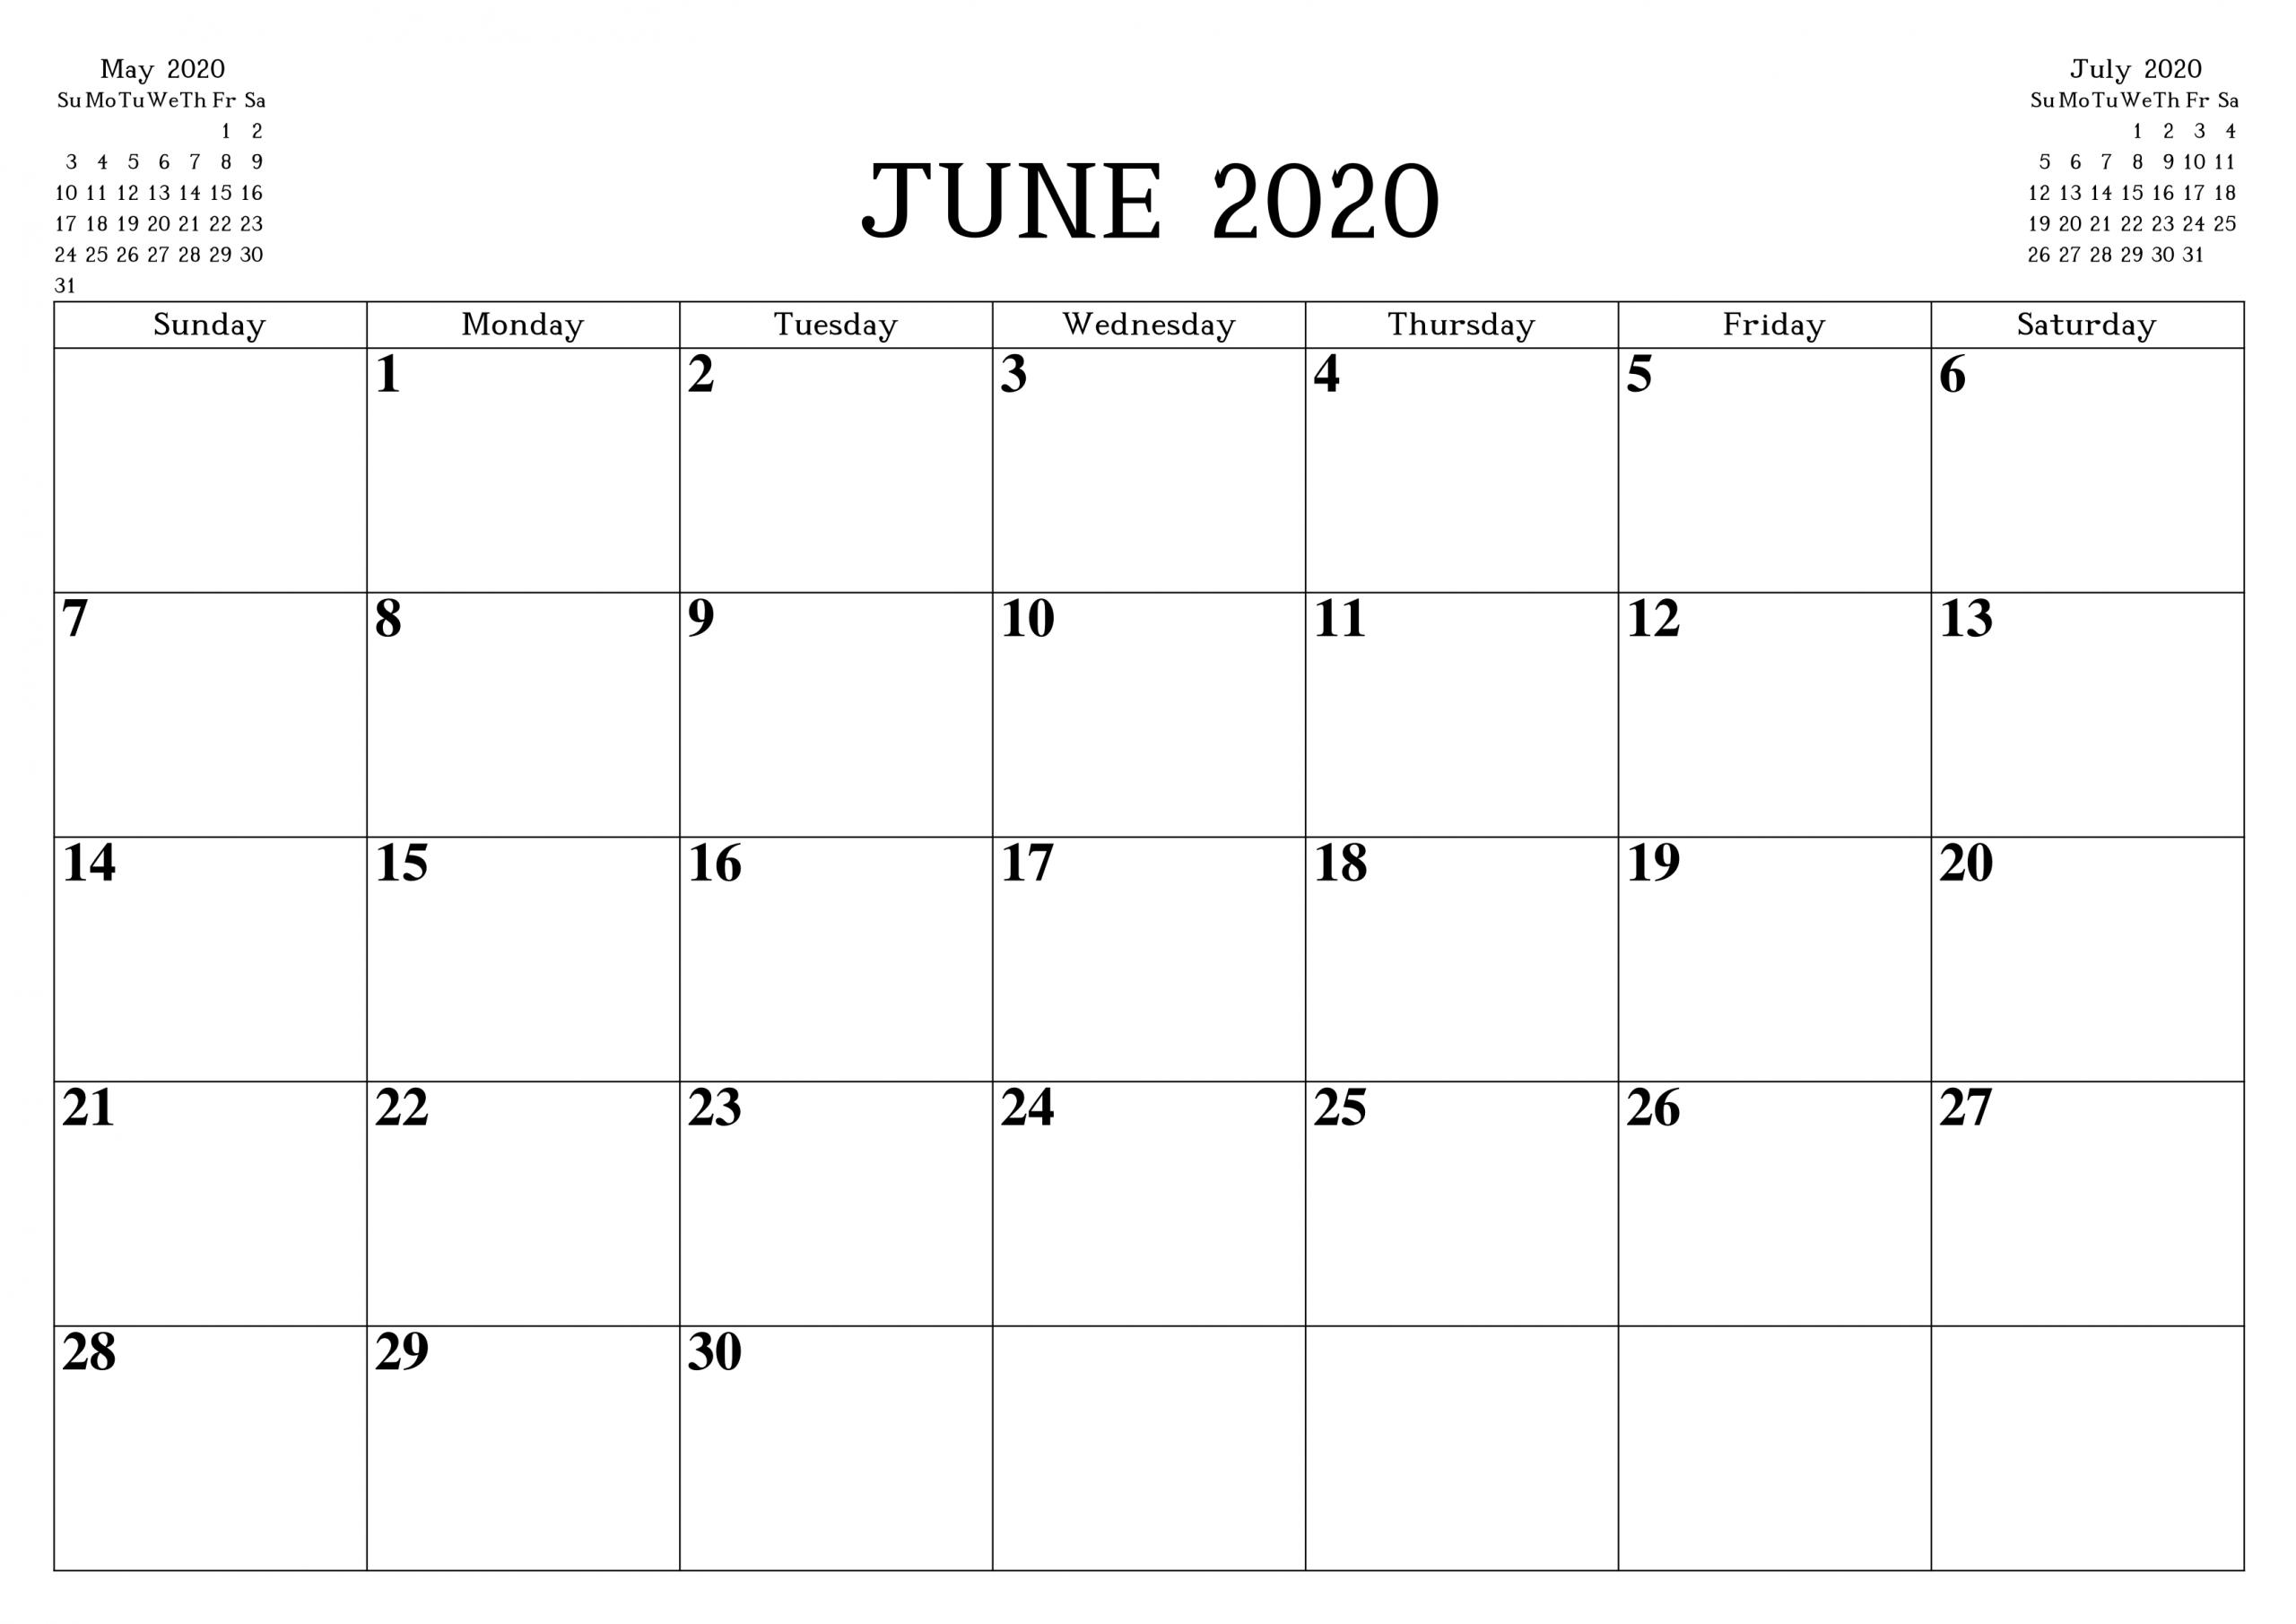 June 2020 Printable Calendar Free Waterproof - Free